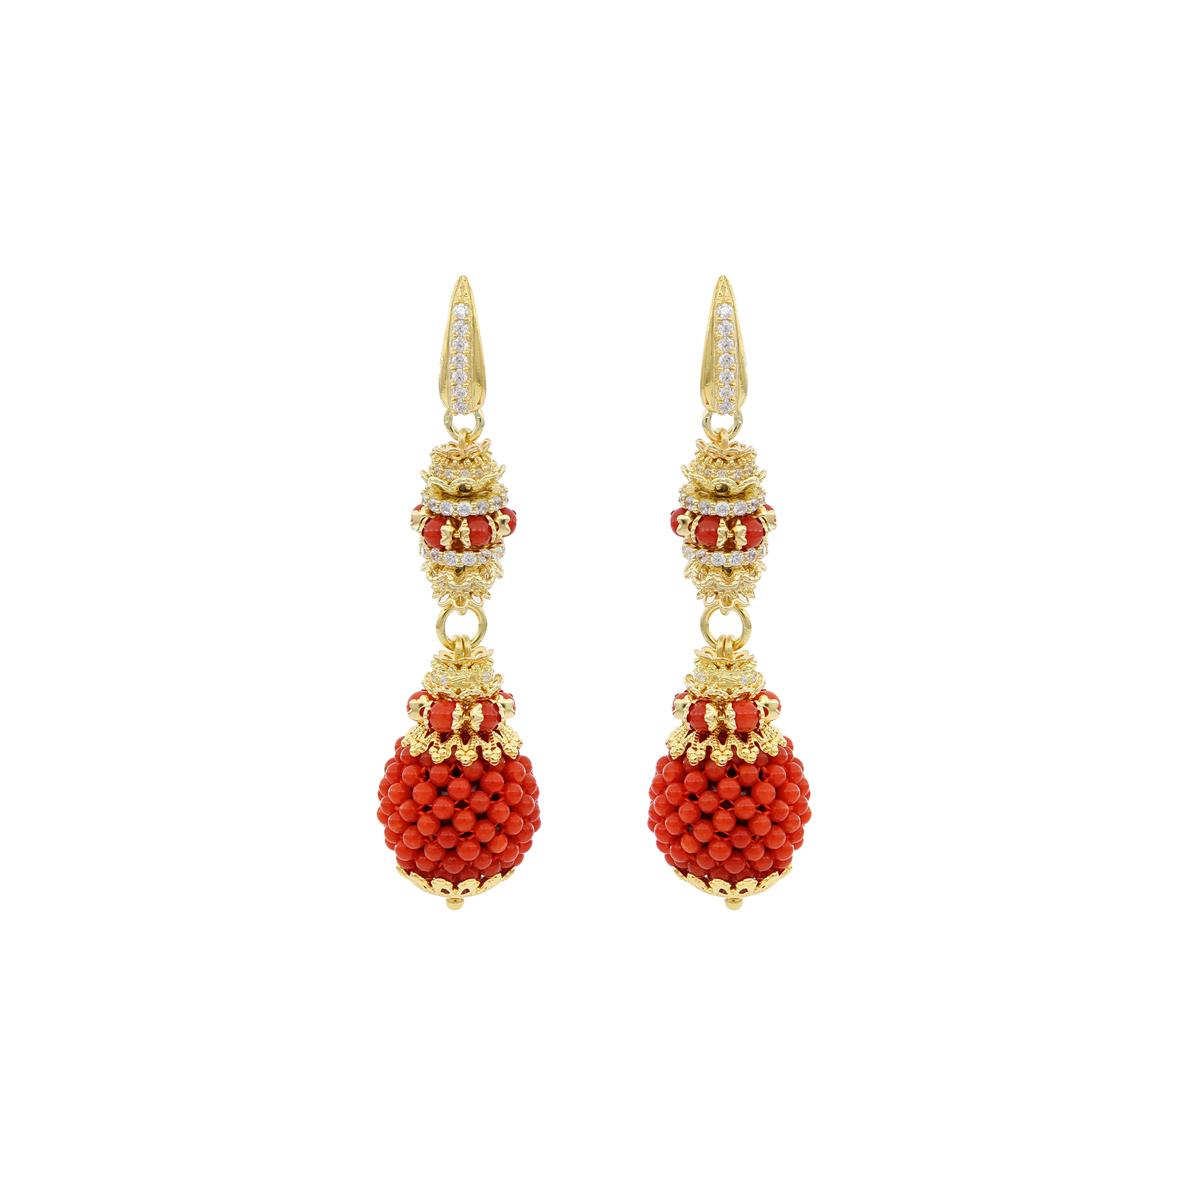 Coral Baroque Spheres Earrings